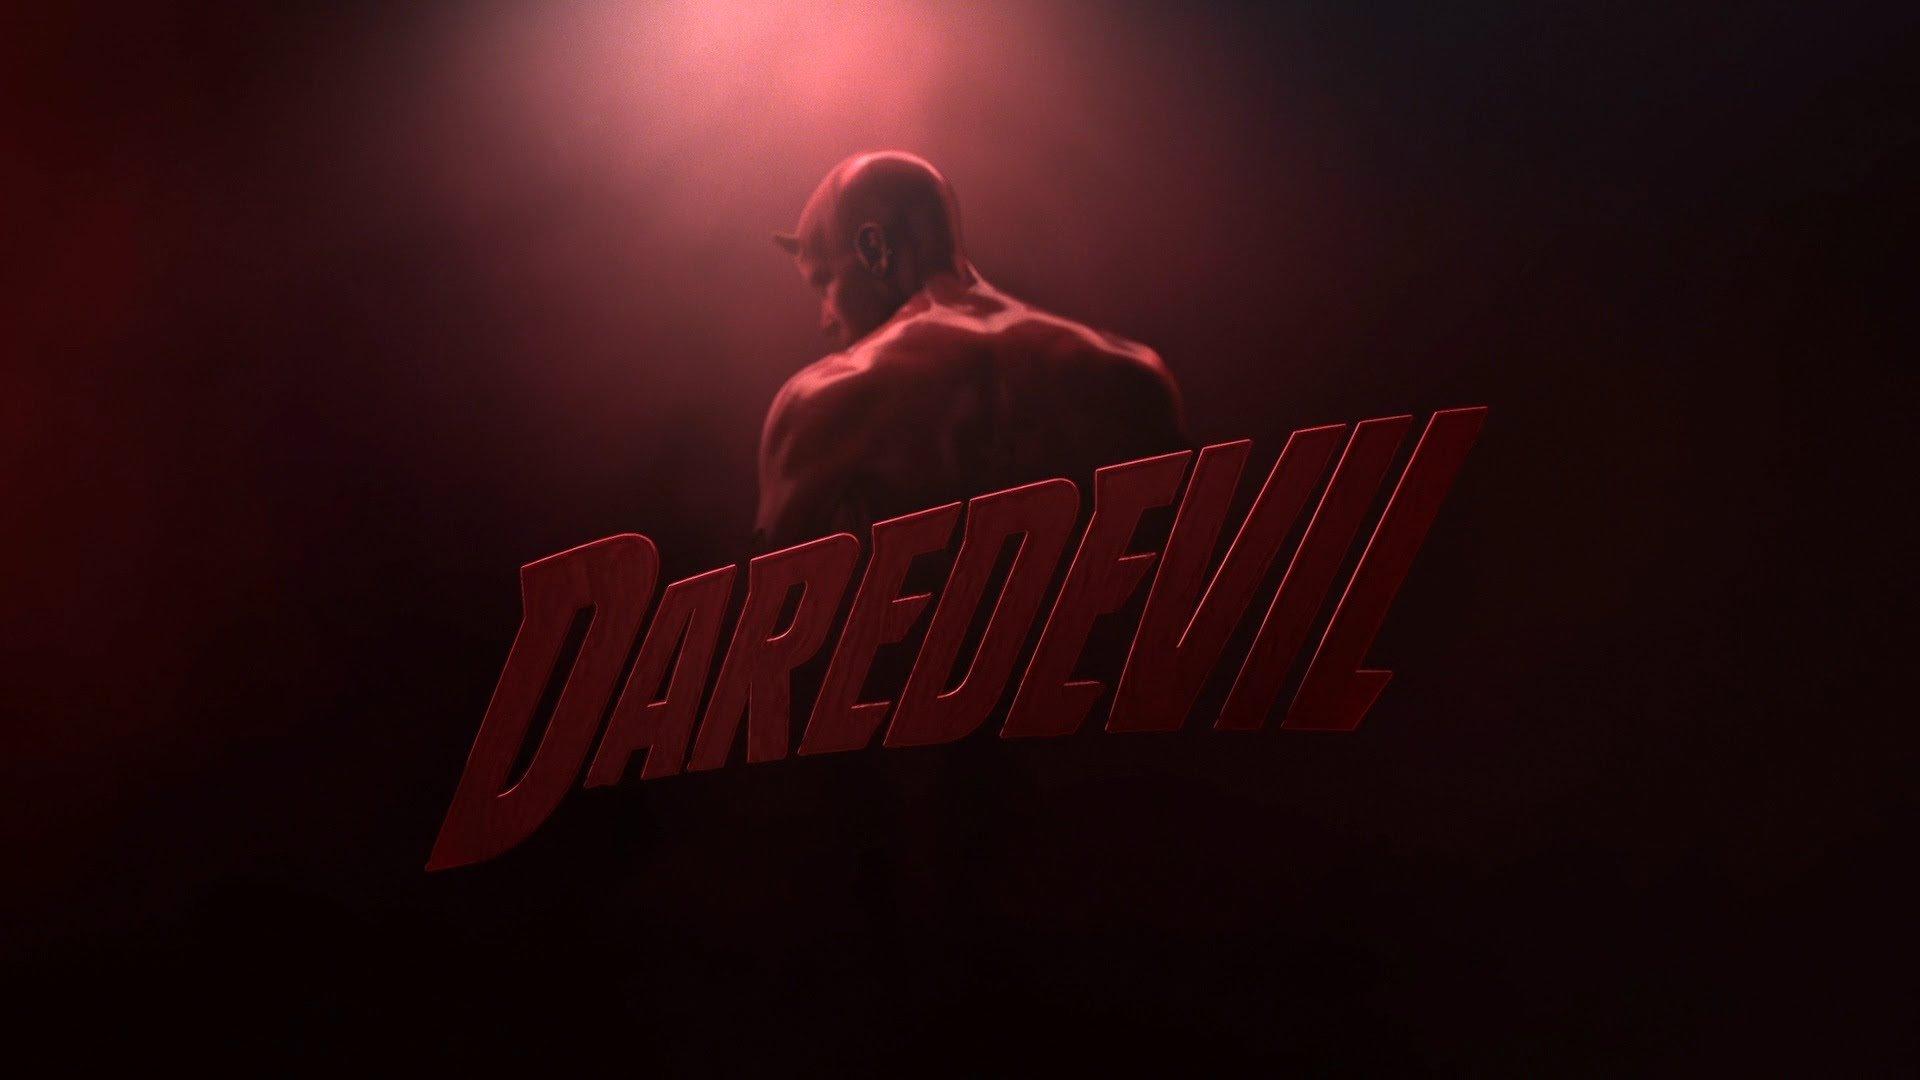 """Сериал """"Сорвиголова"""" - лучшее воплощение дьявола - Изображение 1"""